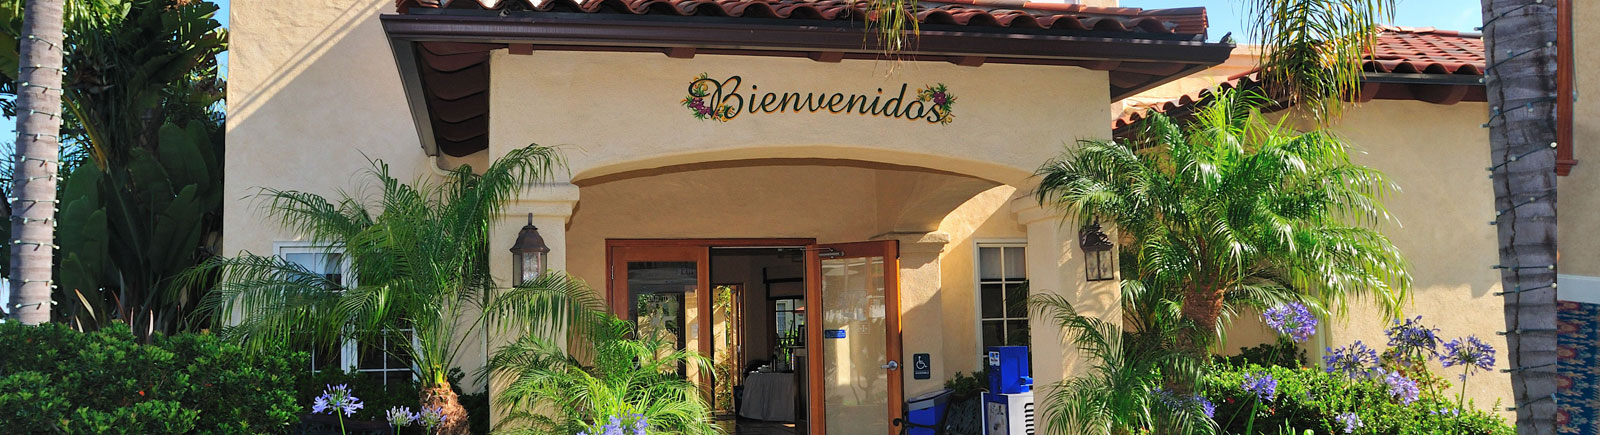 Old Town Inn San Diego California Contact Us